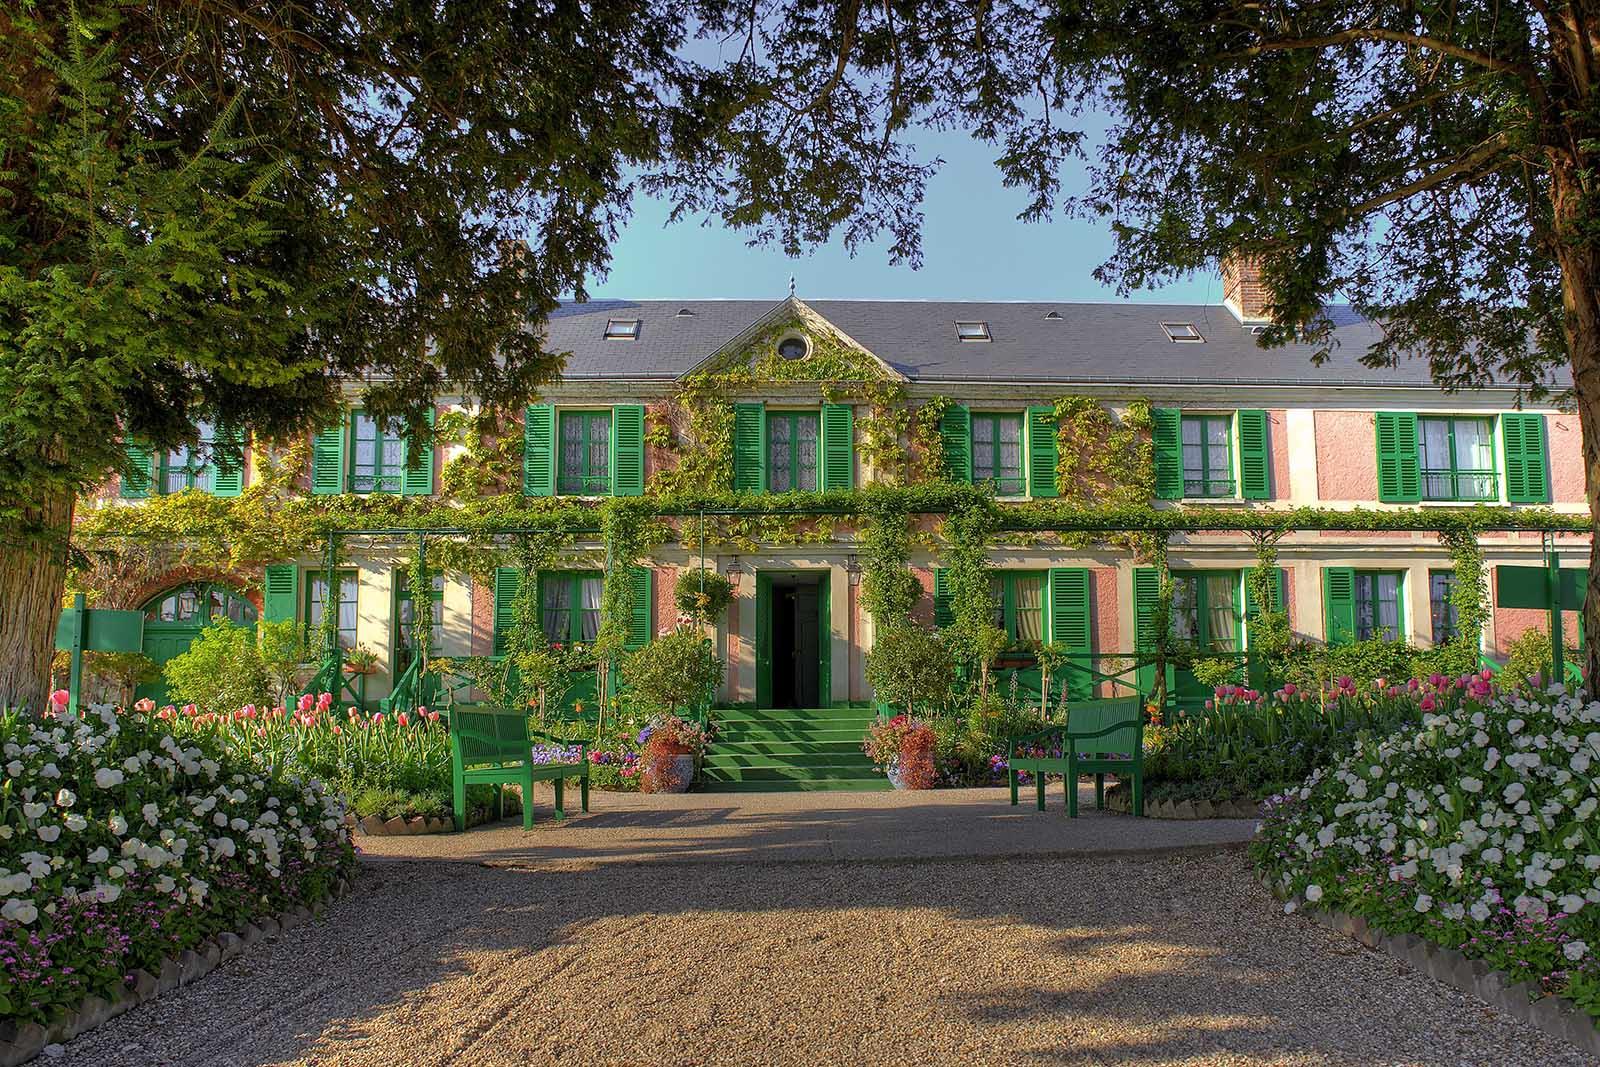 Maison de Claude Monet à Giverny